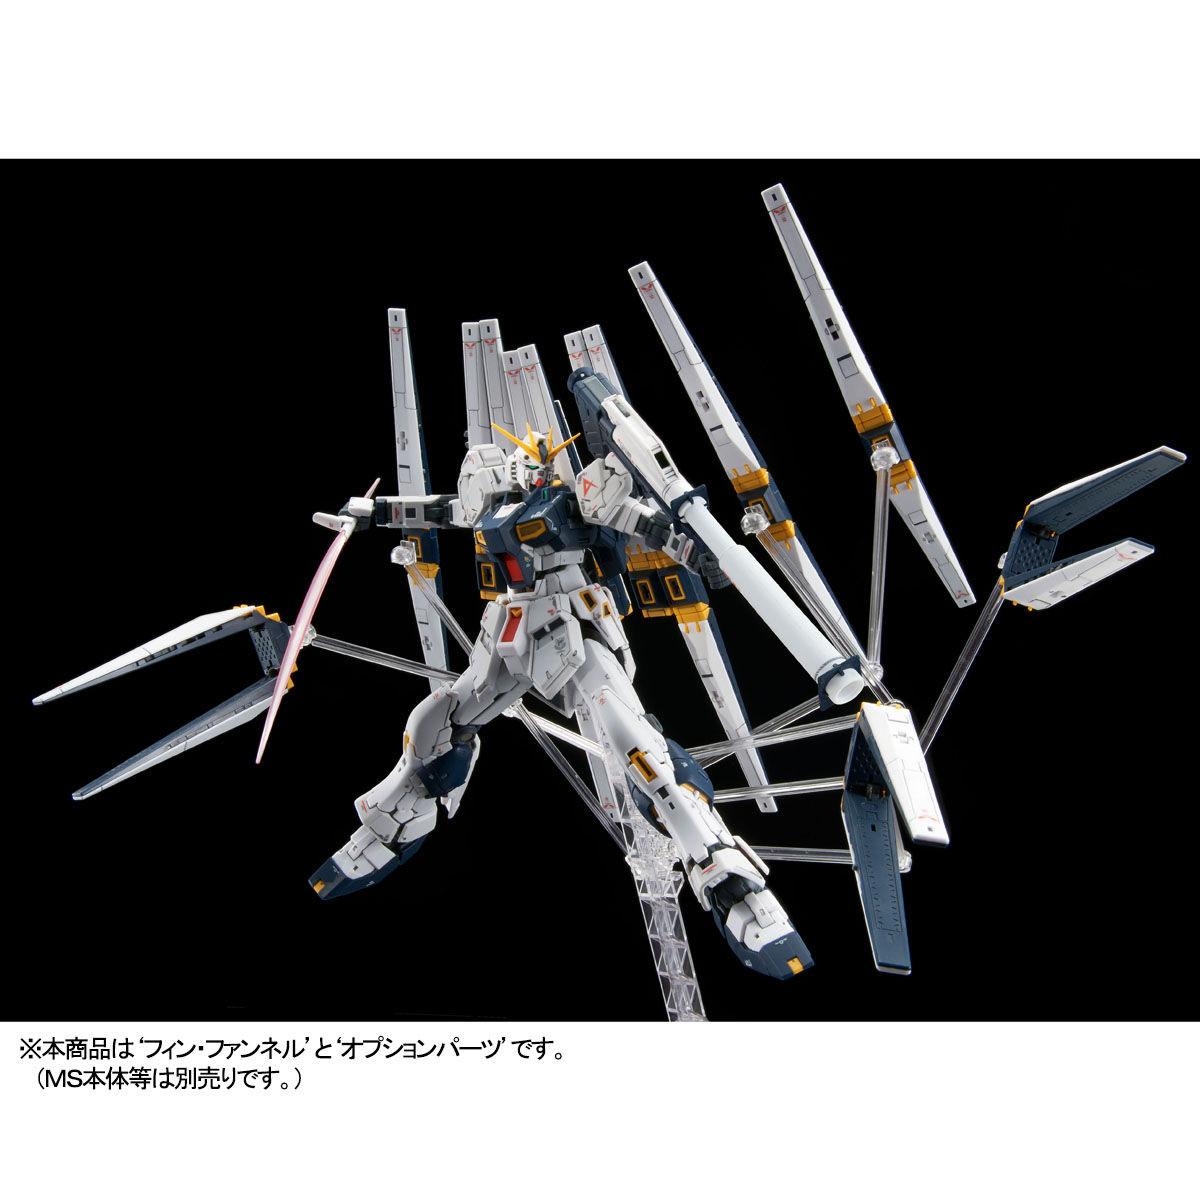 RG 1/144『νガンダム用ダブル・フィン・ファンネル拡張ユニット』逆襲のシャア プラモデル-007